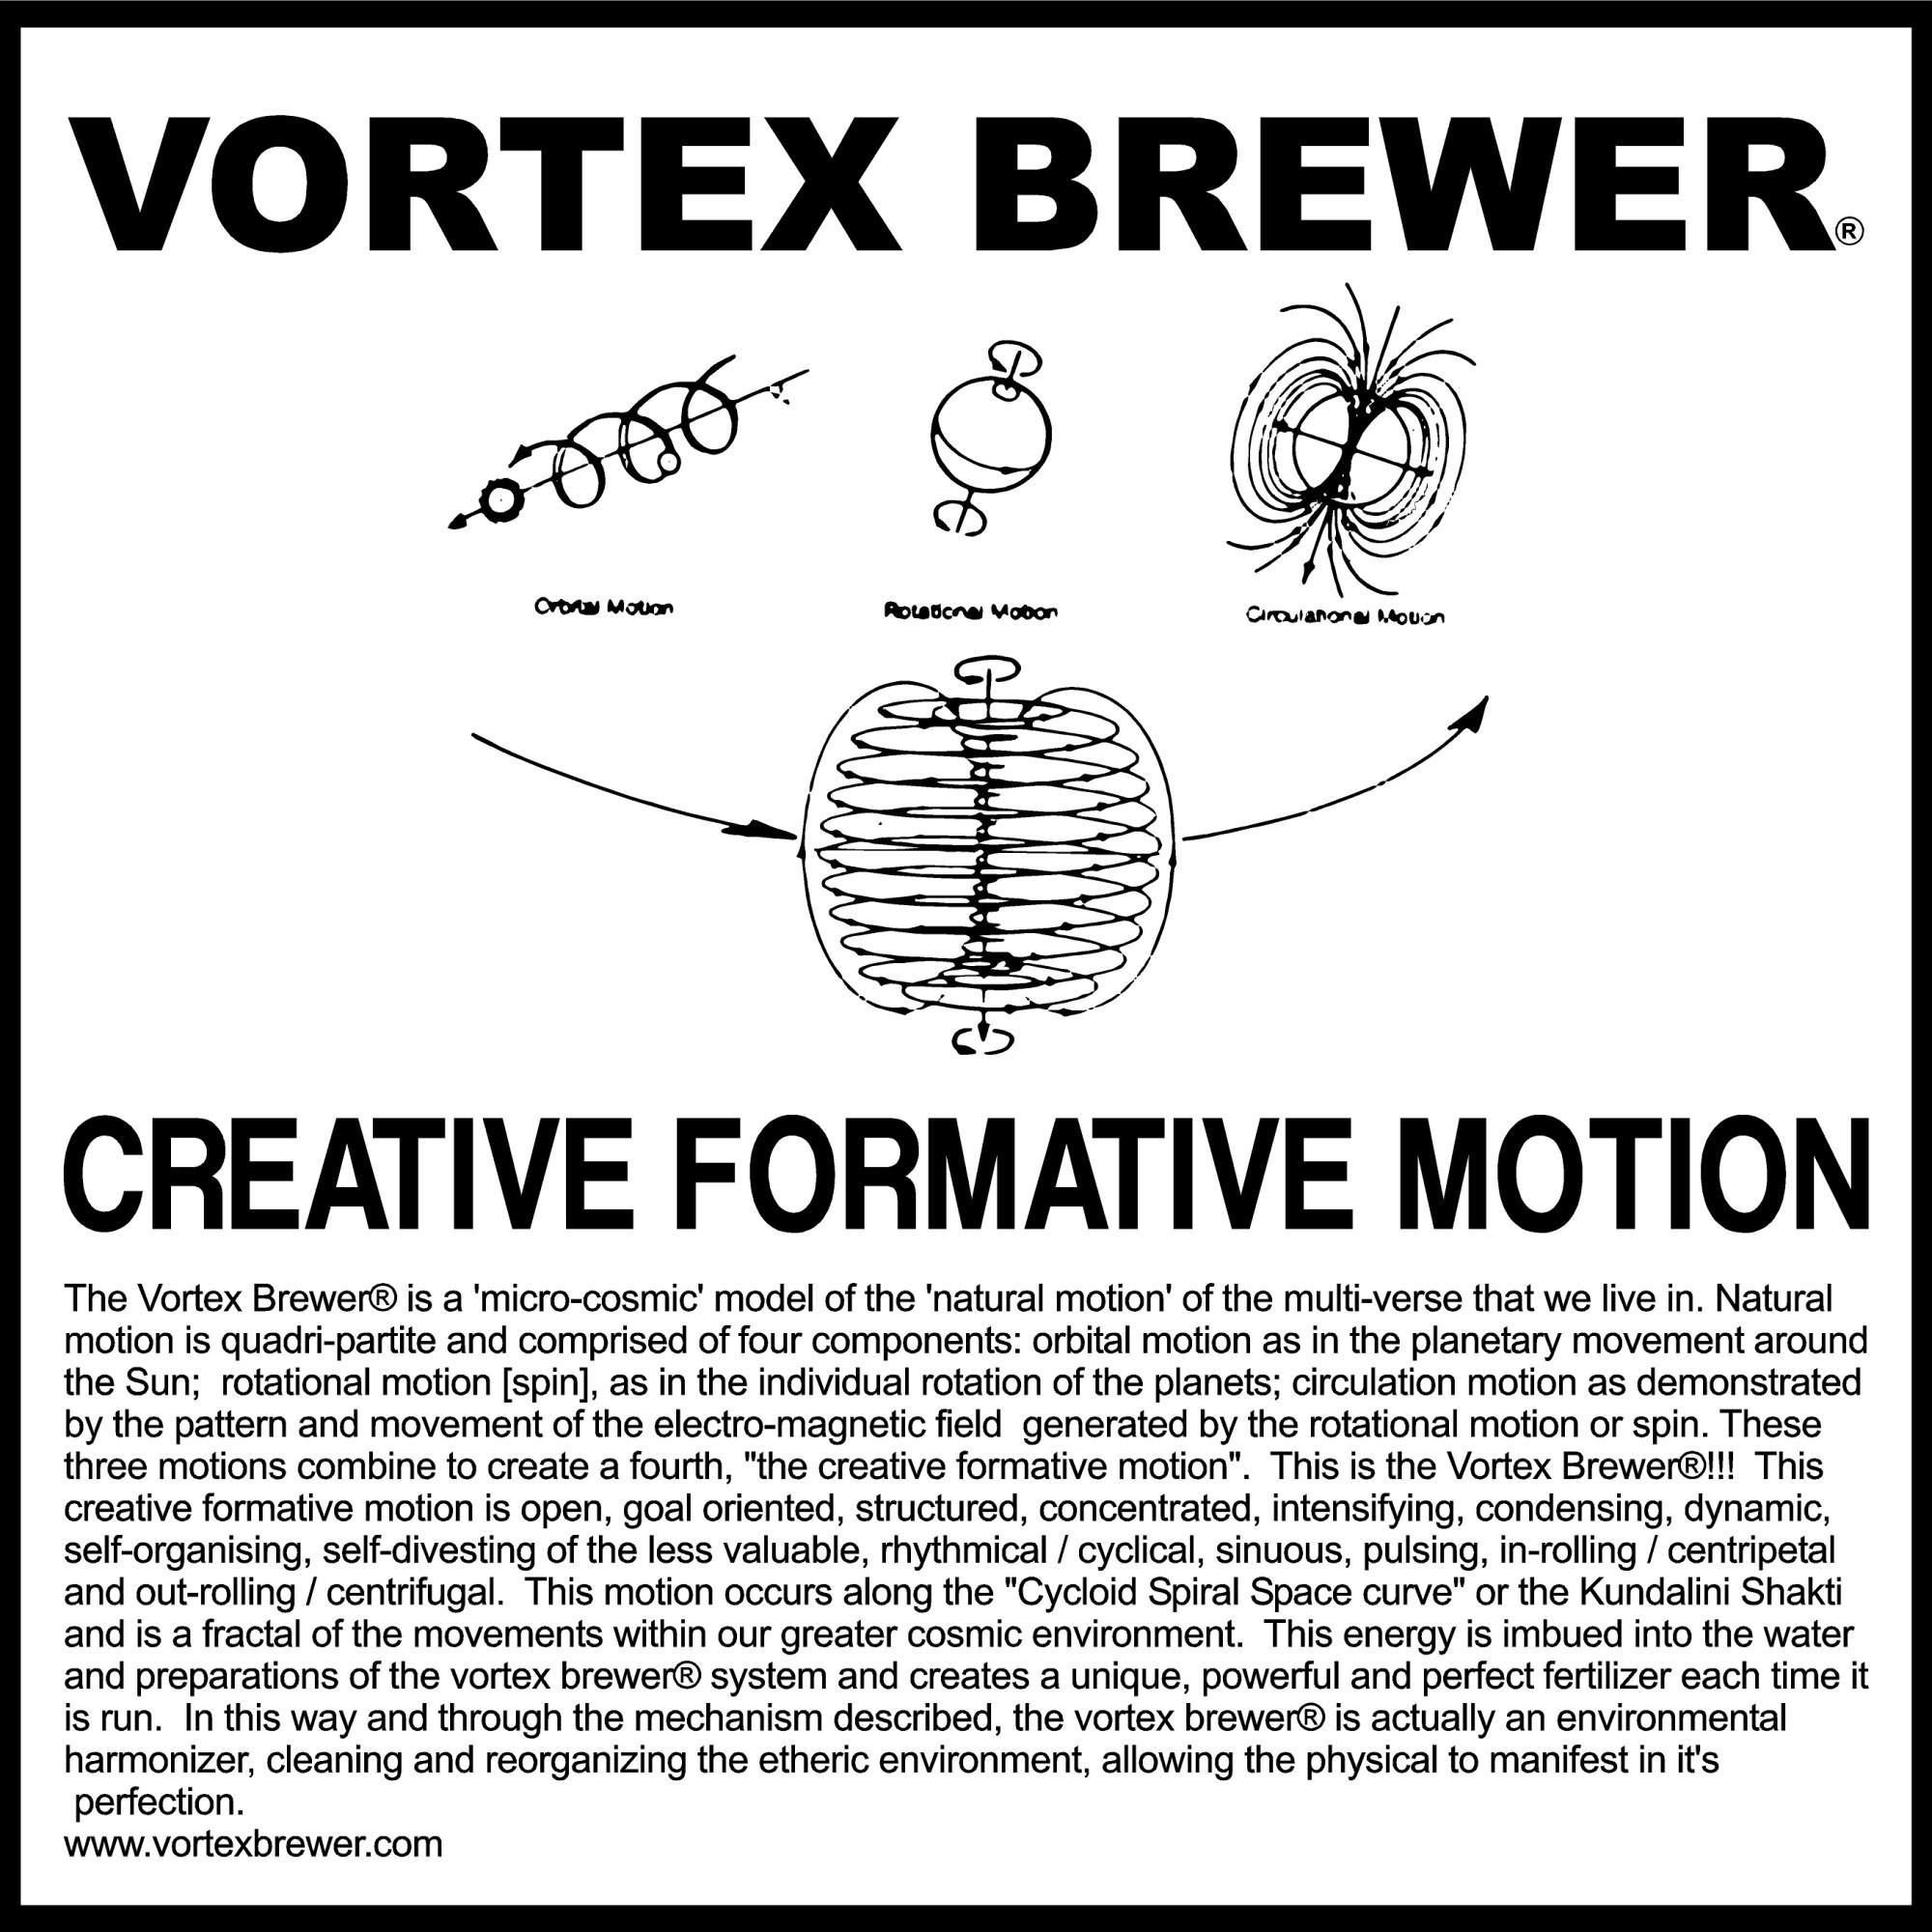 Vortex-Brewer-9x9